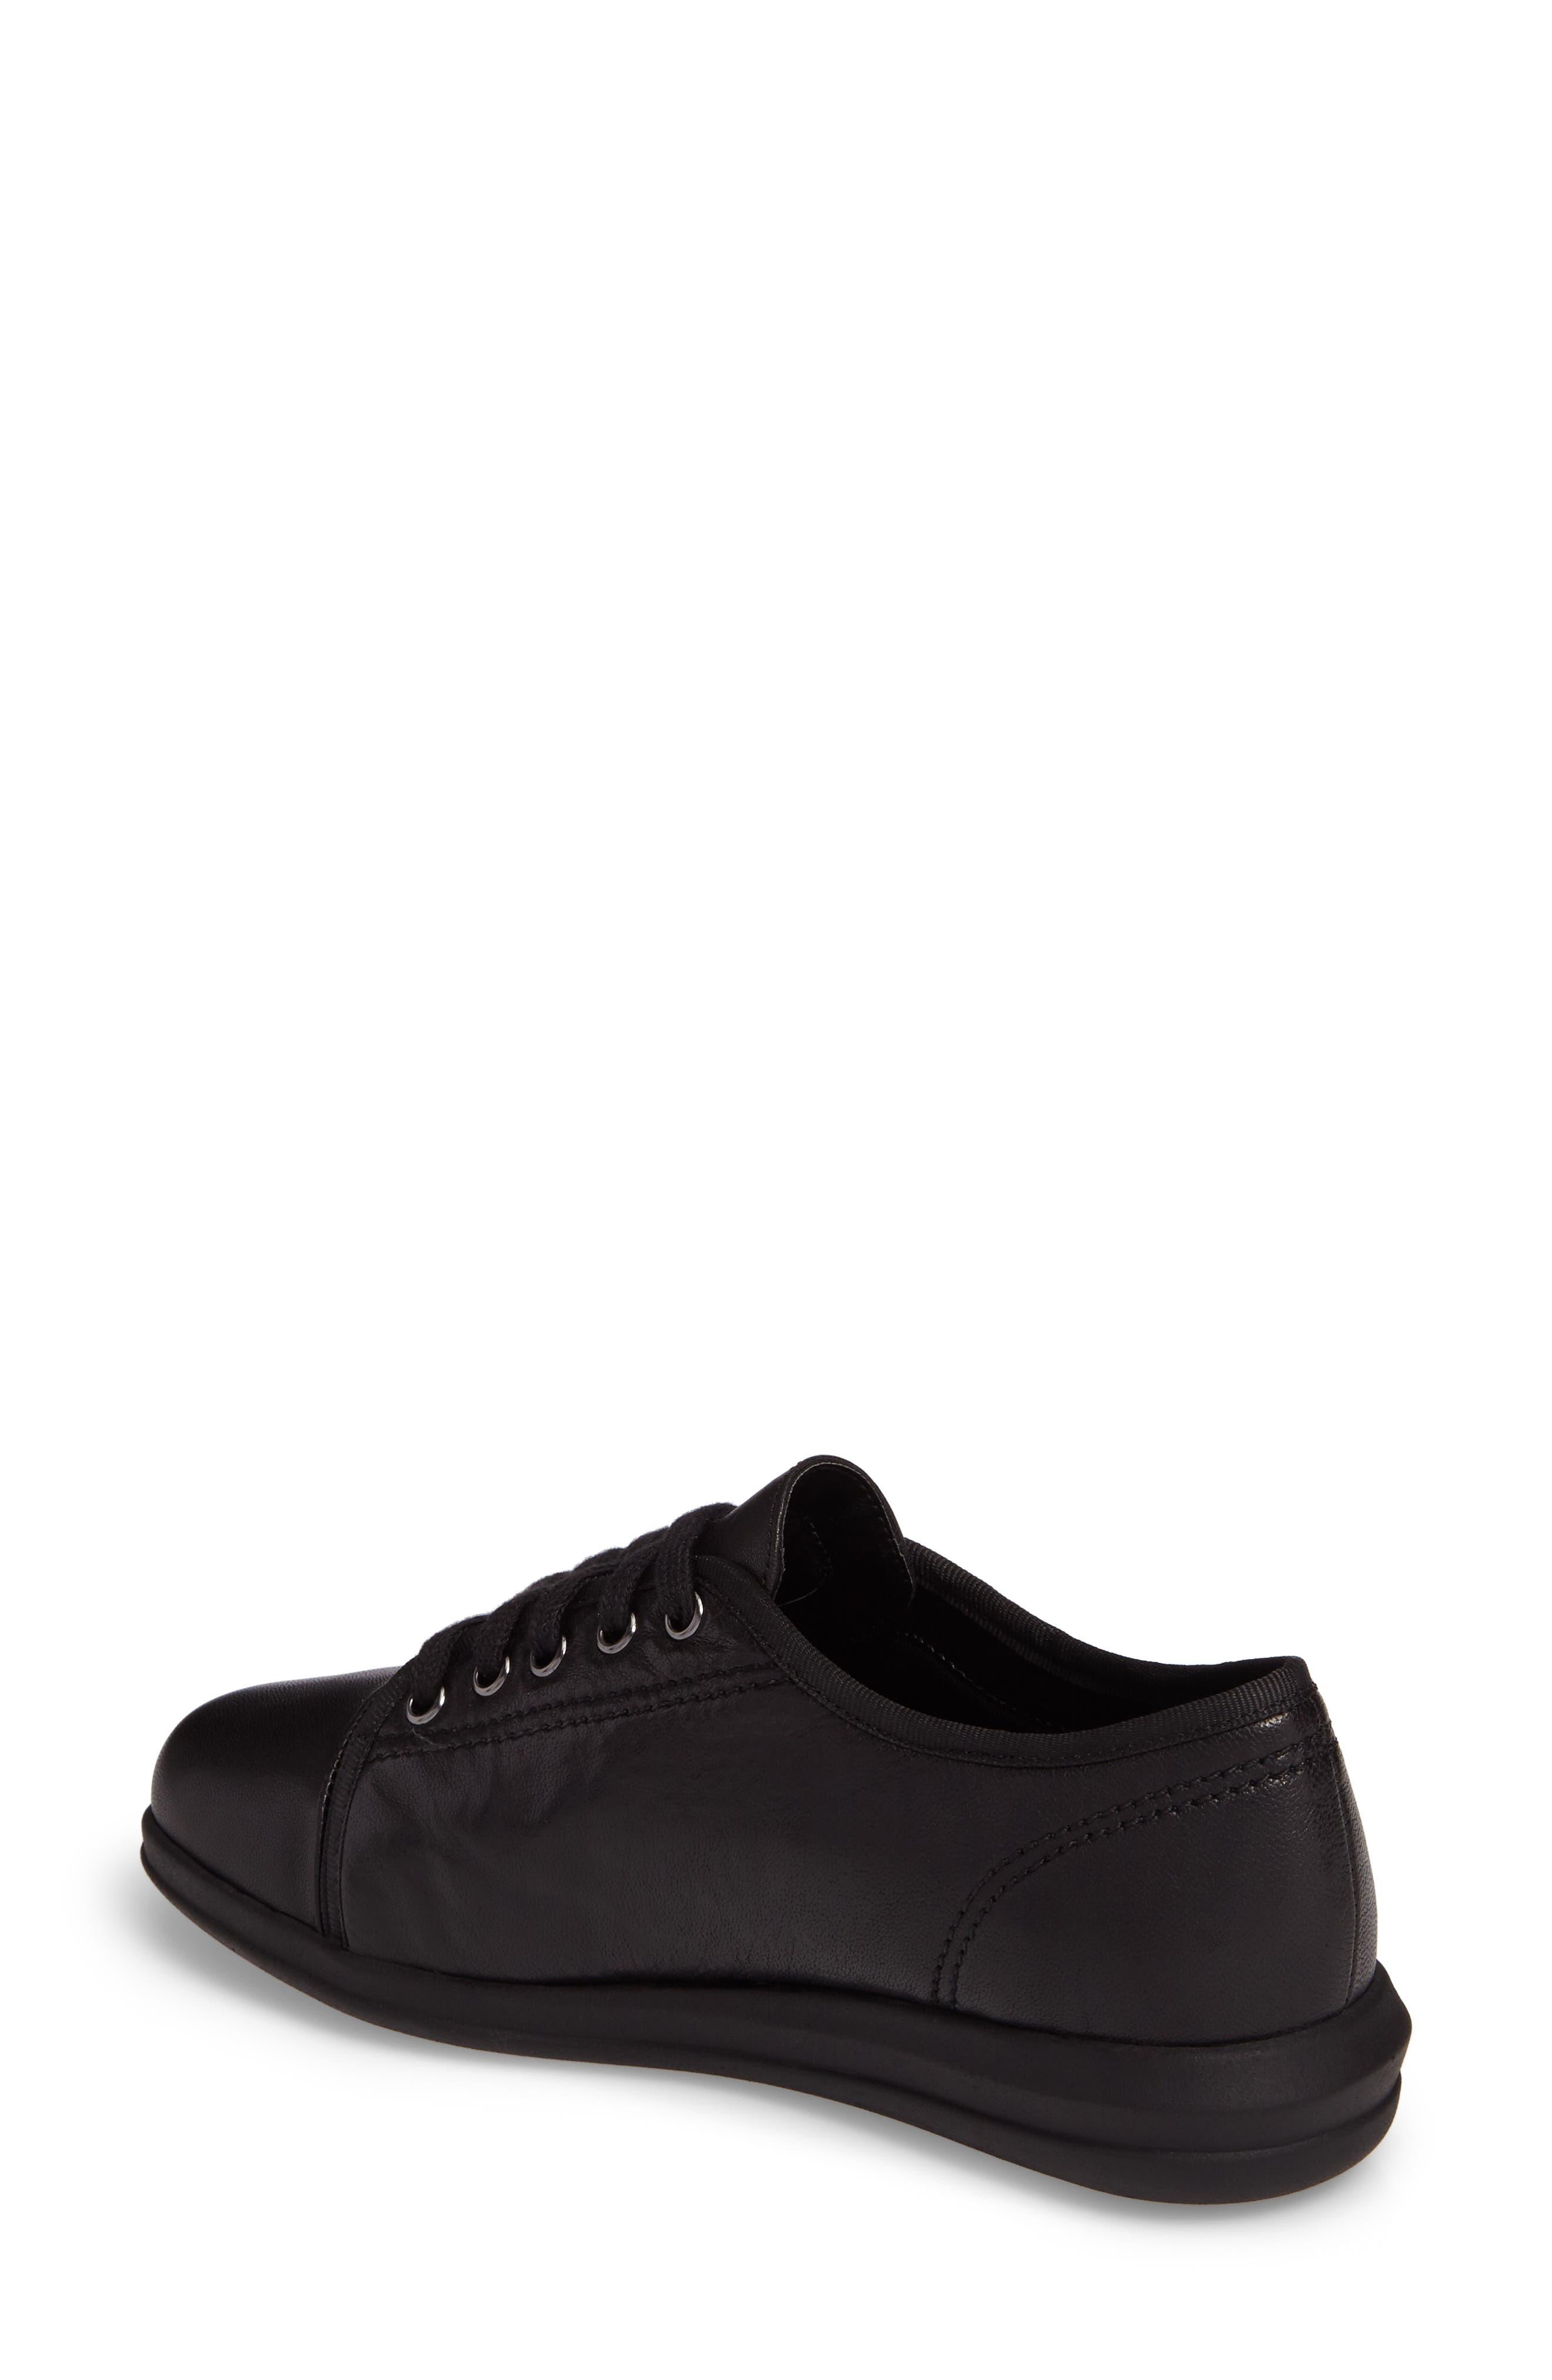 Siren Sneaker,                             Alternate thumbnail 2, color,                             BLACK LEATHER